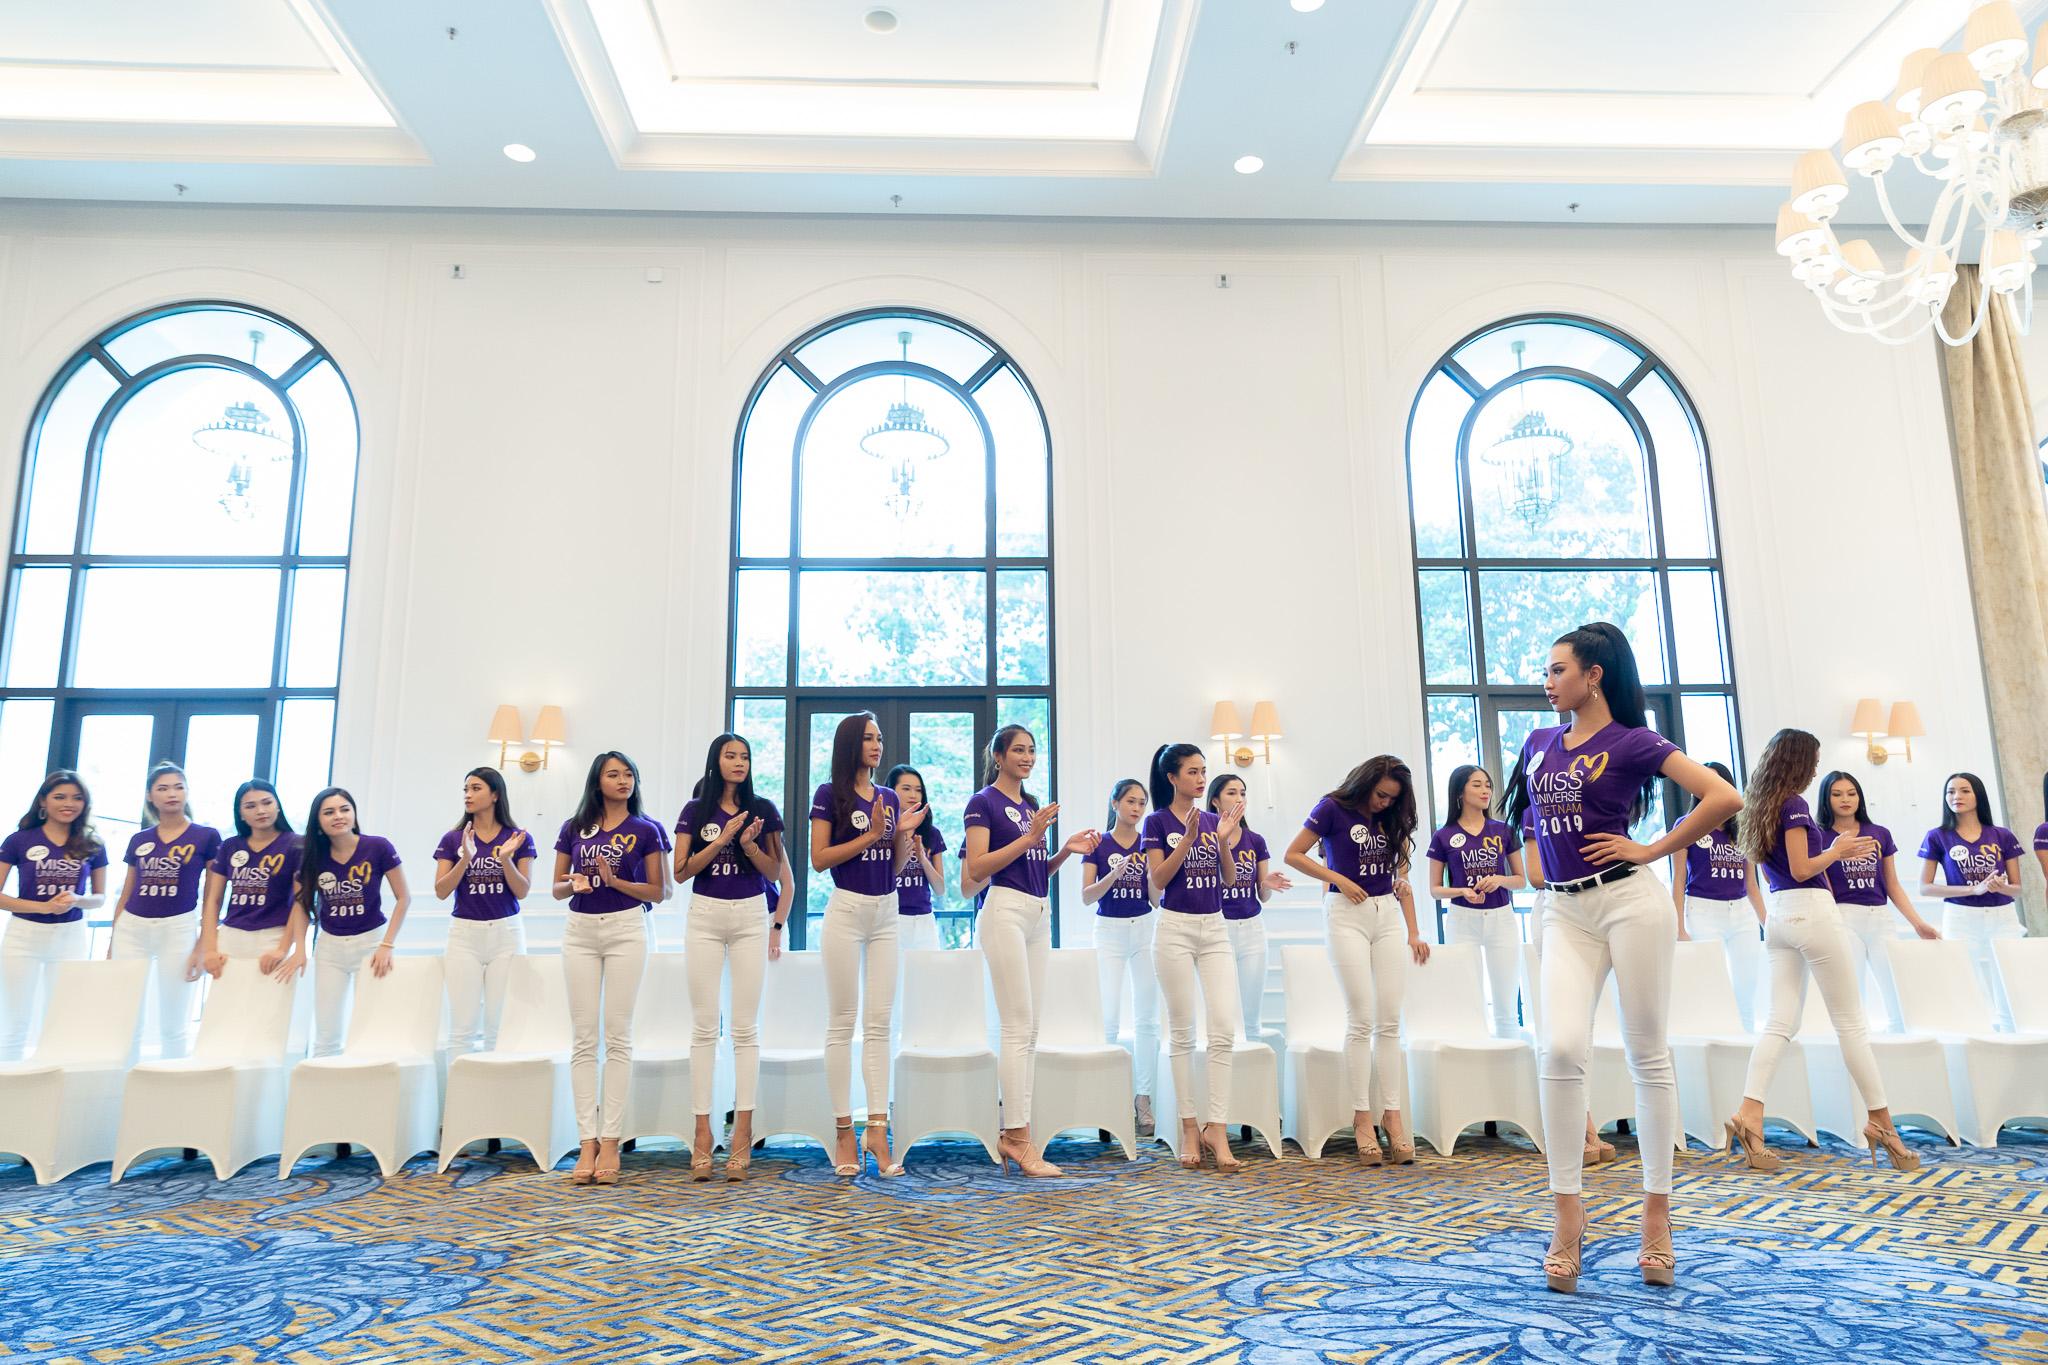 Huan luyen catwalk_Tap 2 Toi La Hoa Hau Hoan Vu Viet Nam 2019 (63)